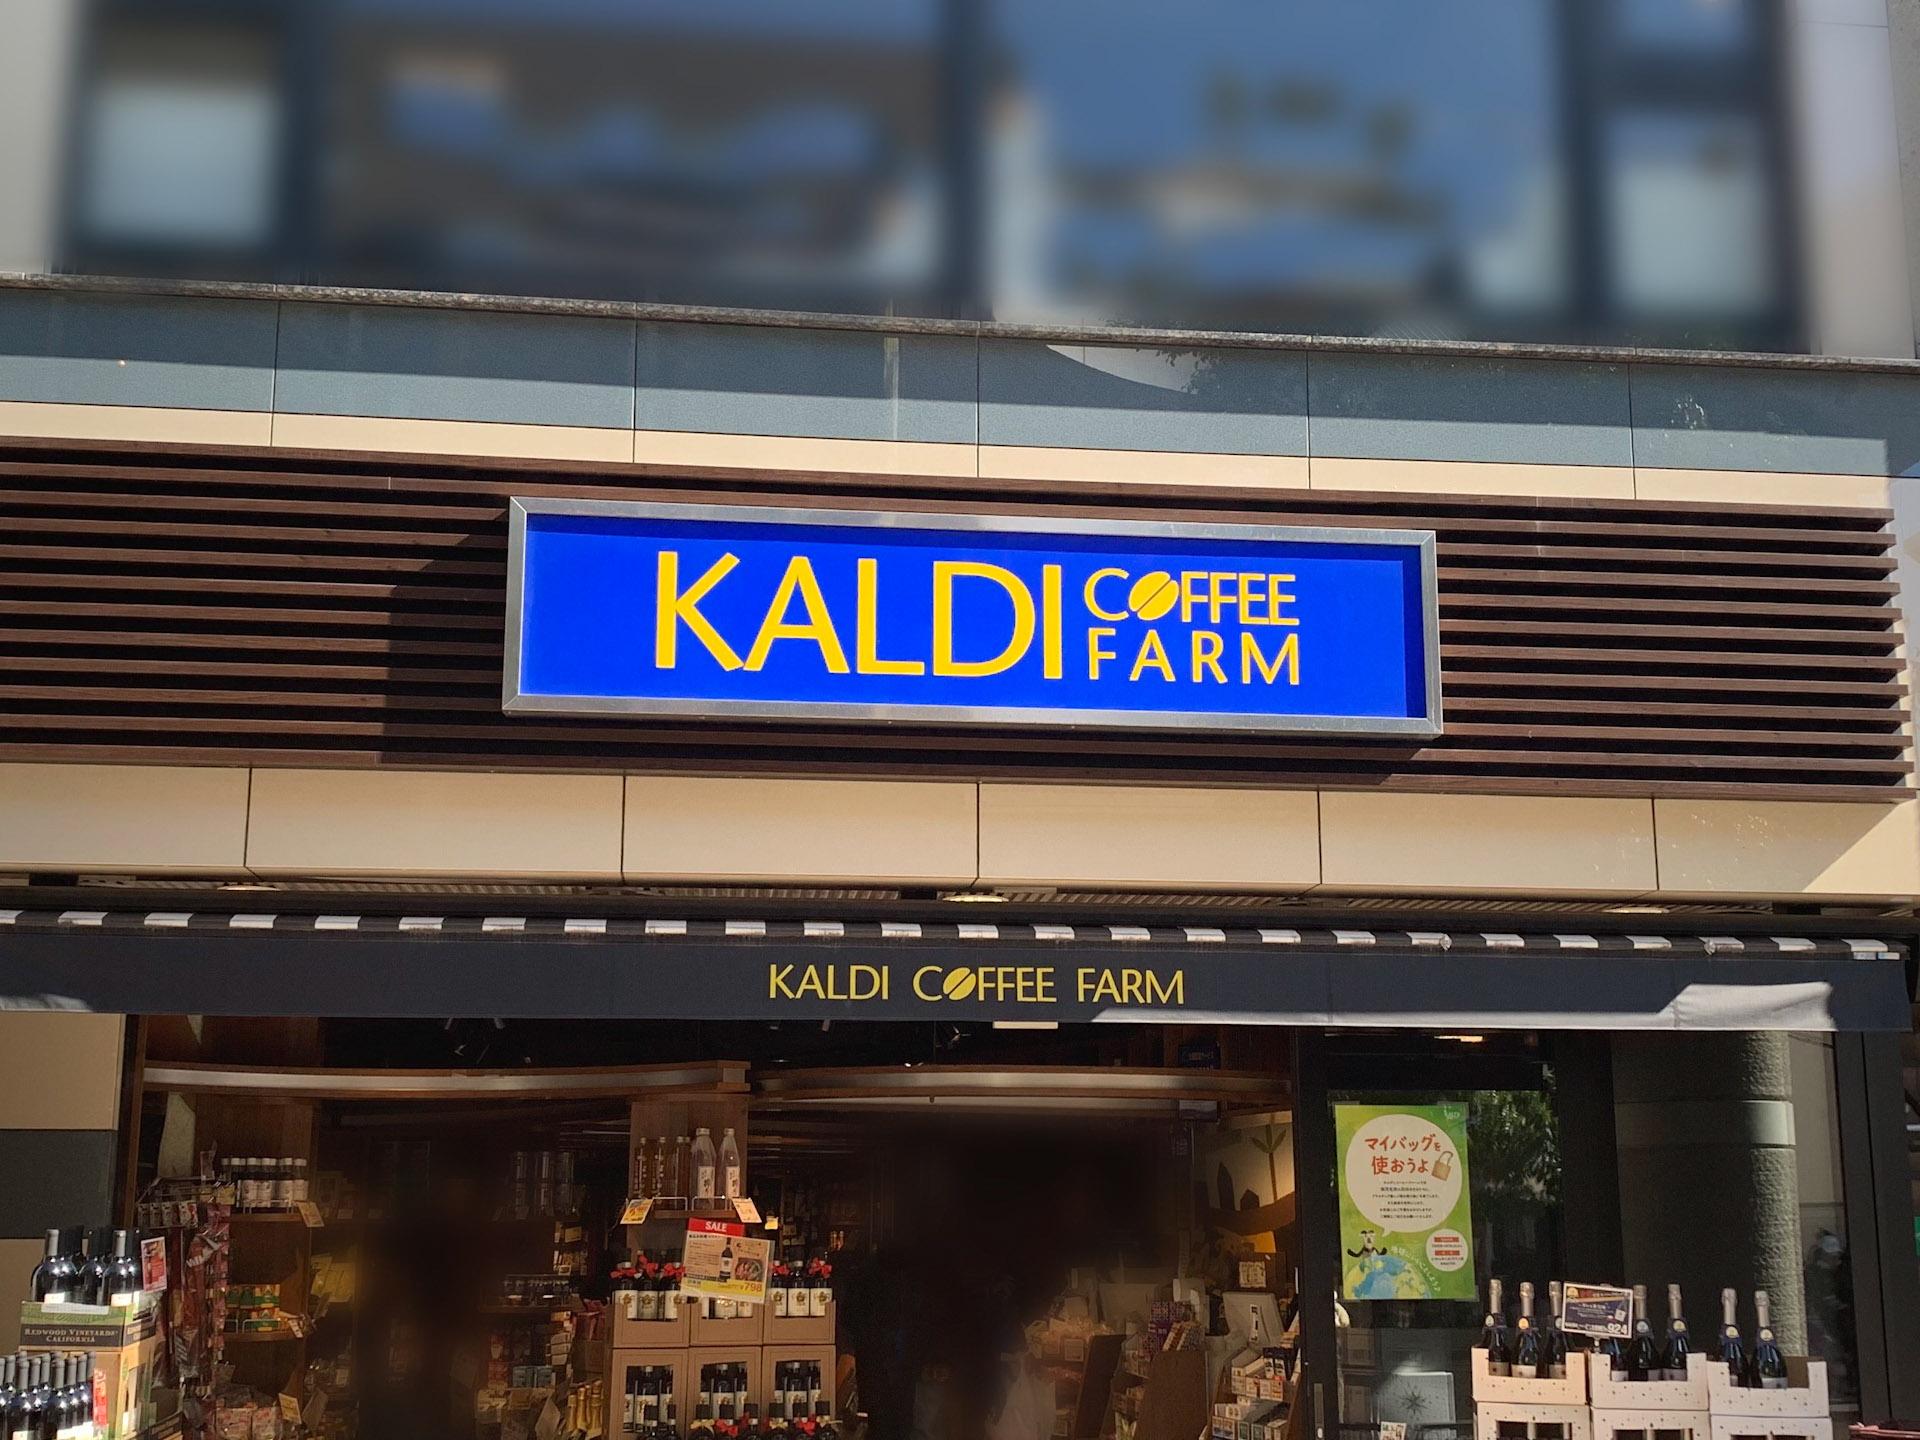 カルディコーヒーファームの本社は世田谷にある!株式会社キャメル珈琲とは?